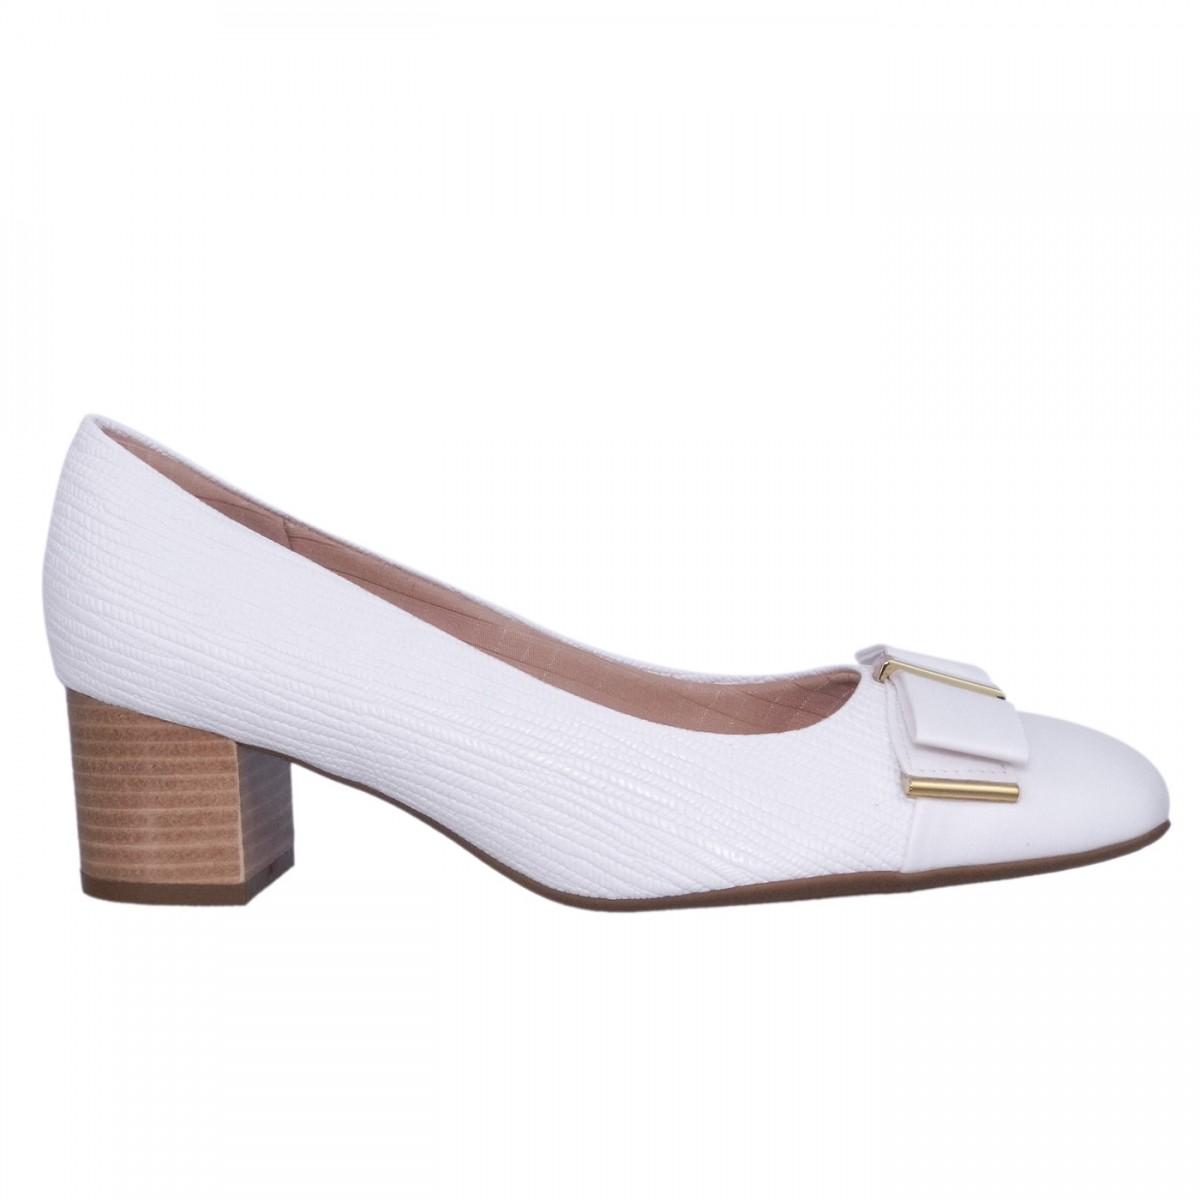 06054253e Bizz Store - Sapato Feminino Piccadilly Riscado Branco/Branco